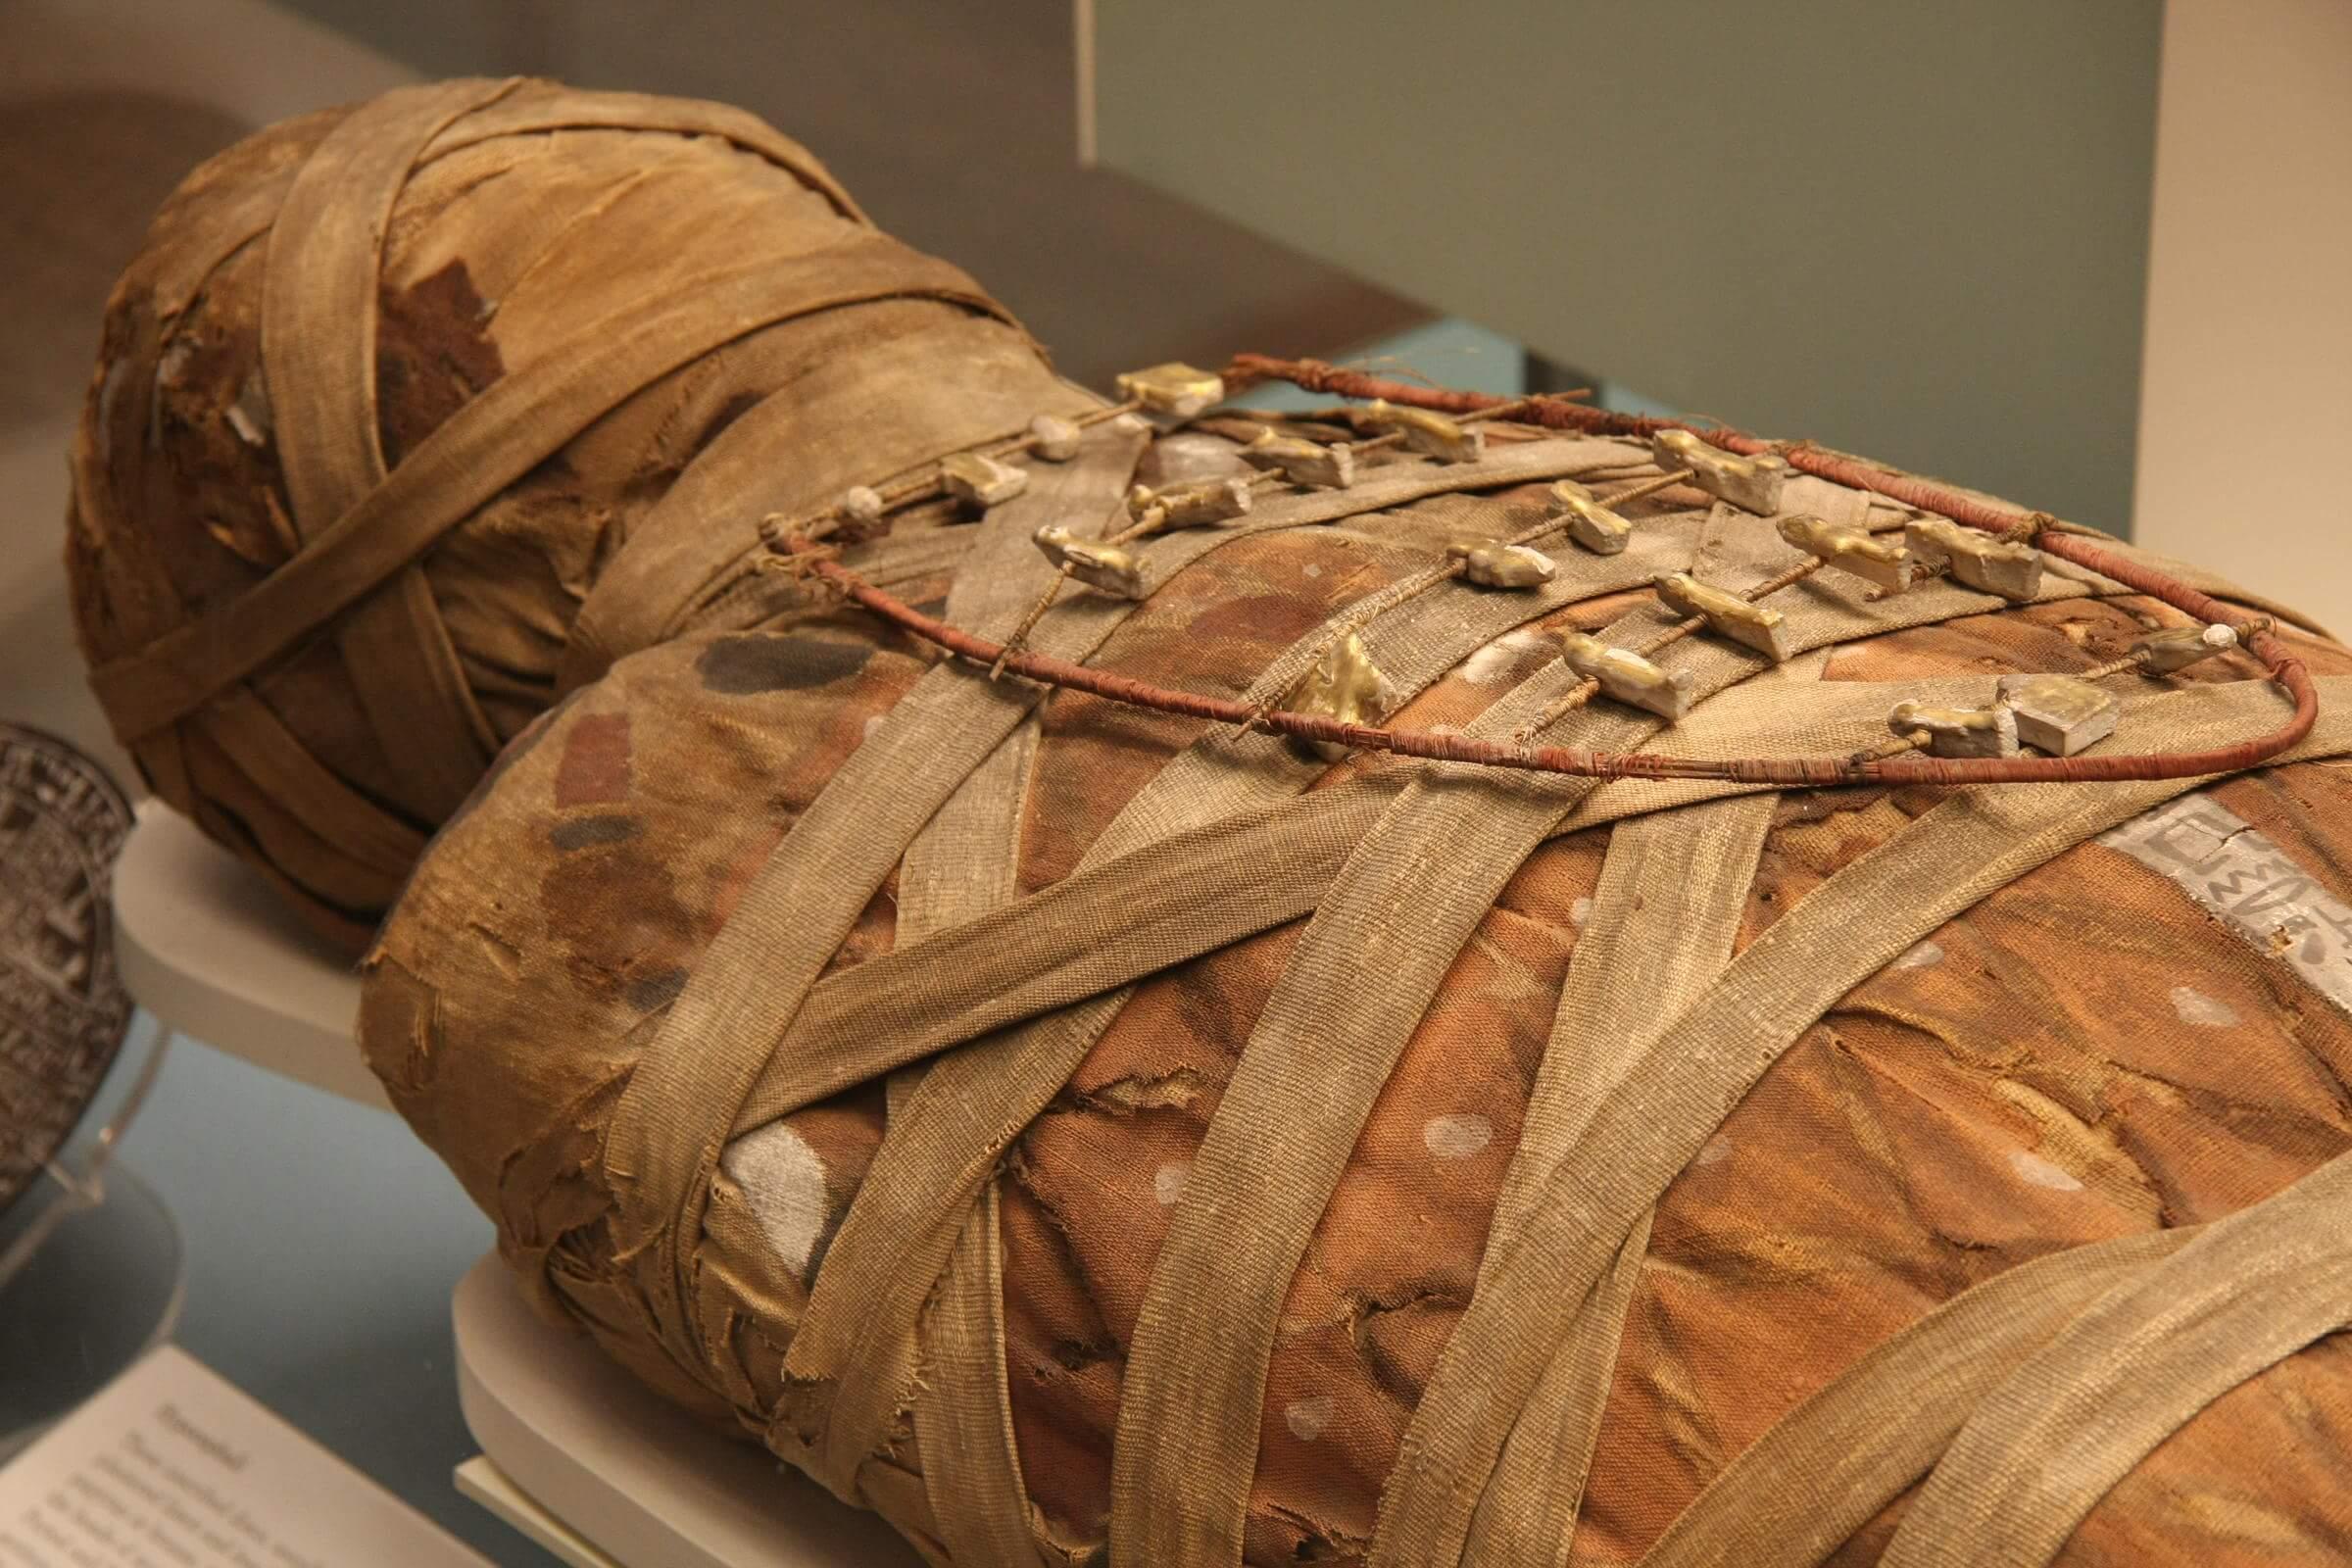 مومیایی ها از ۱۵۰۰ سال قبل از فرعون وجود داشتهاند